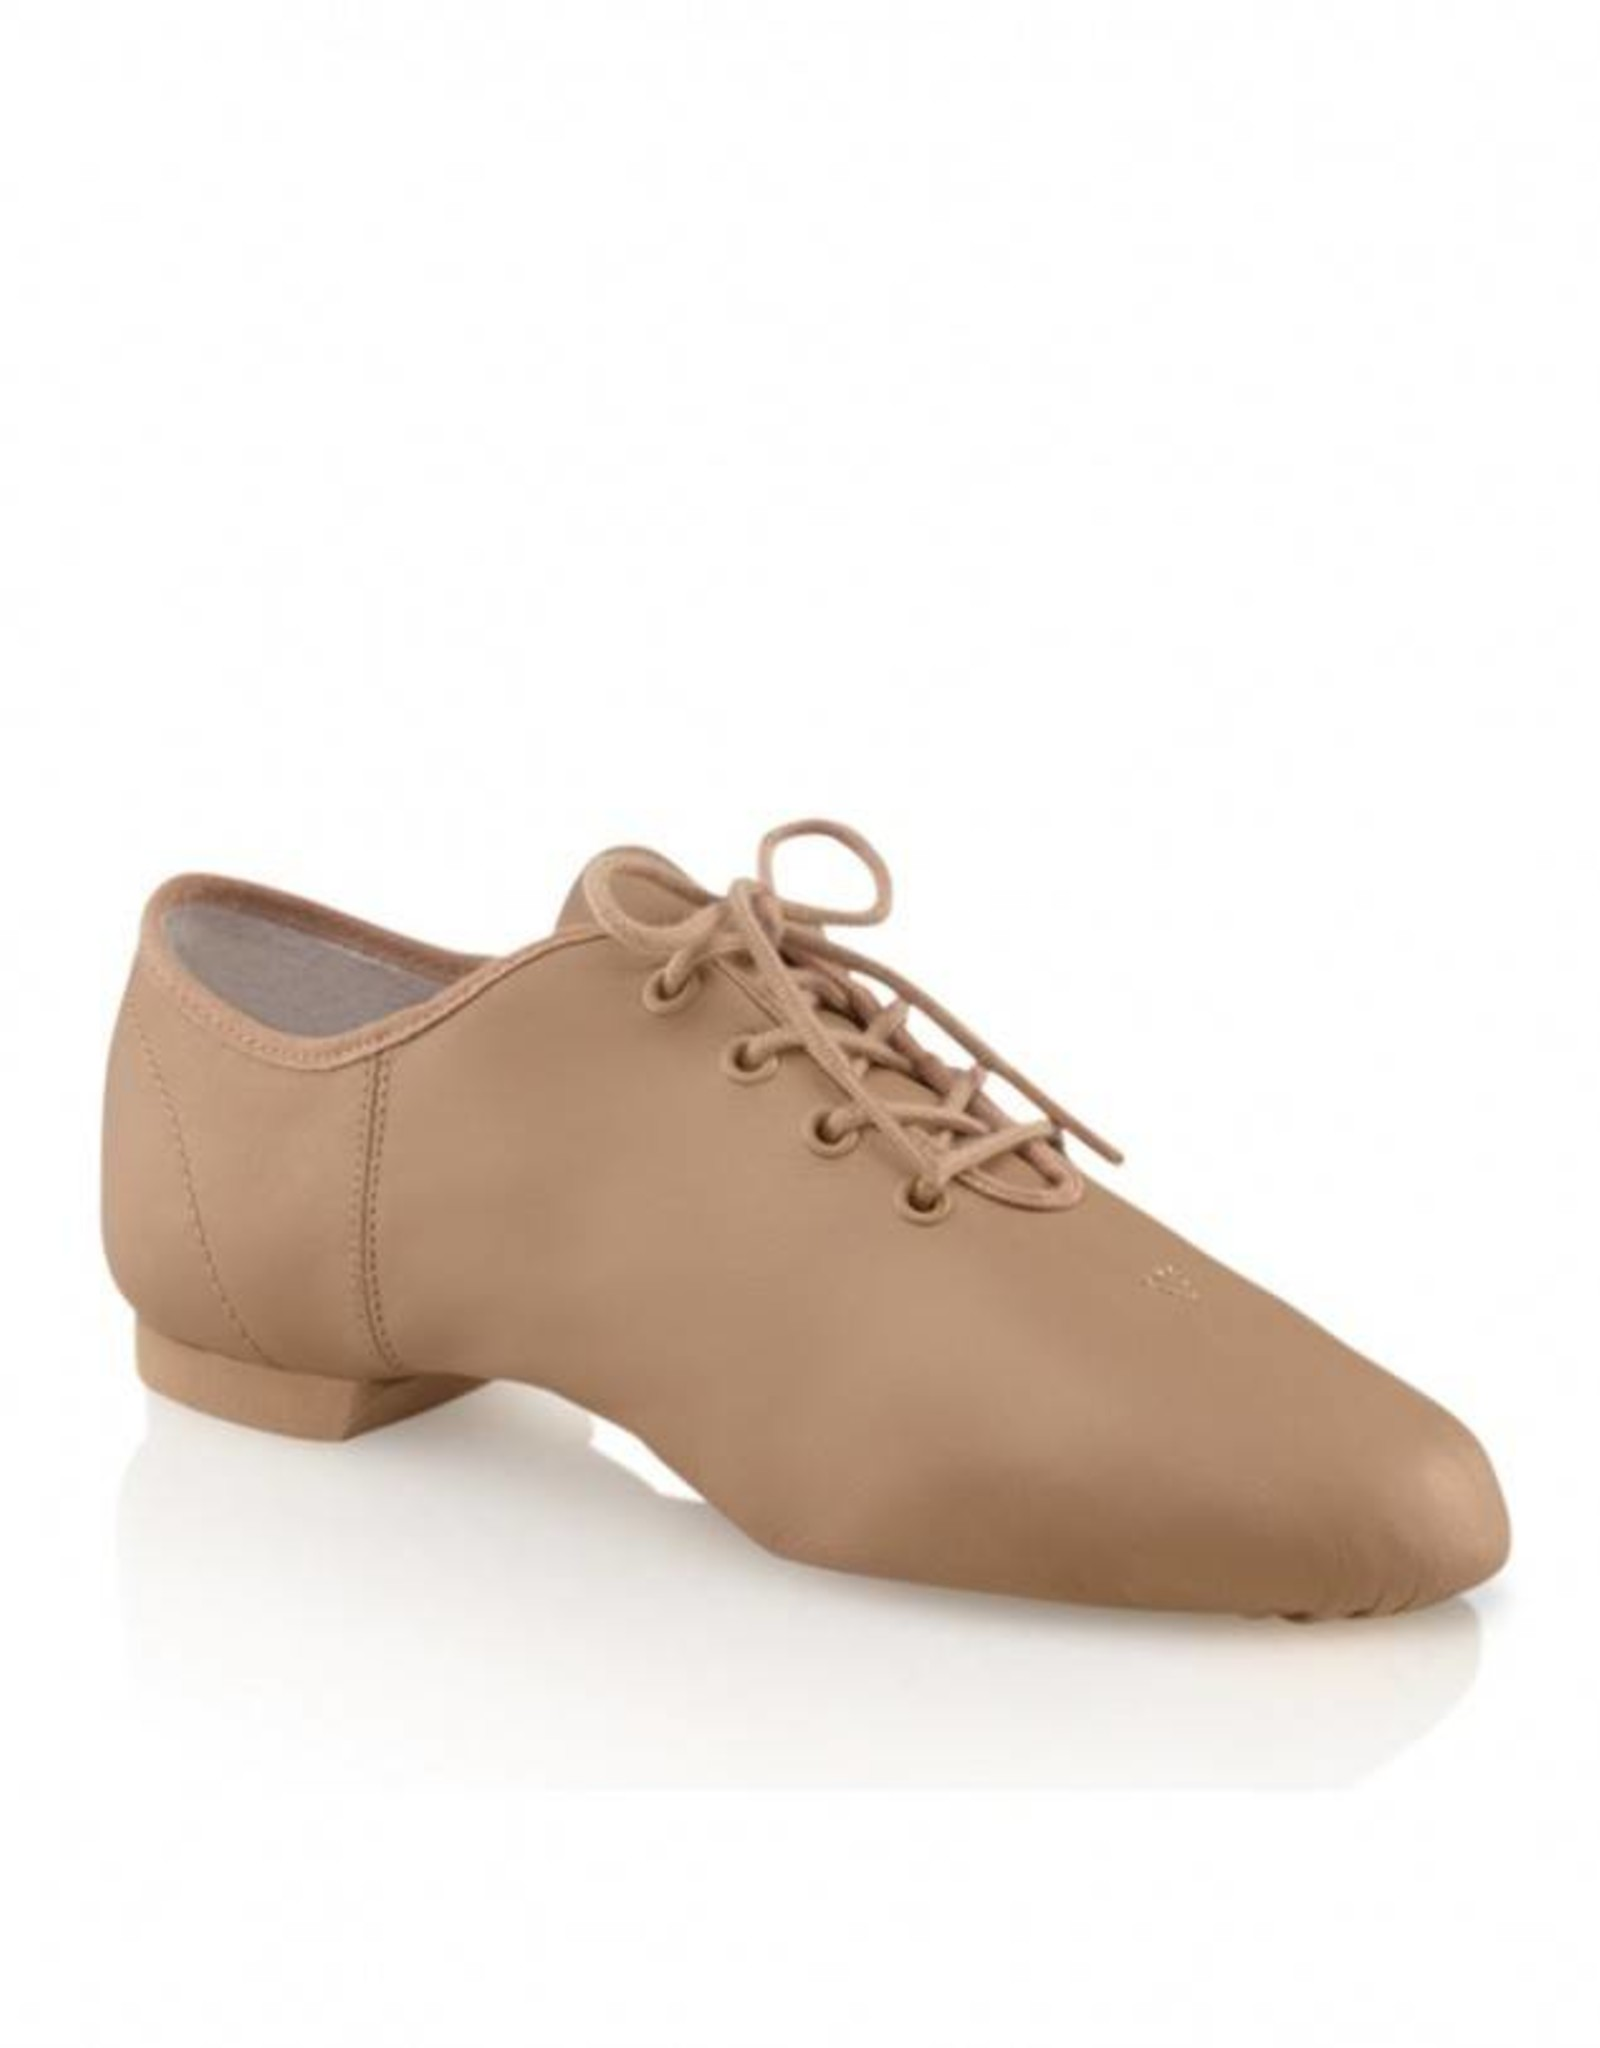 Capezio EJ1C Children's Entry Jazz Split Sole Leather Oxford Shoe